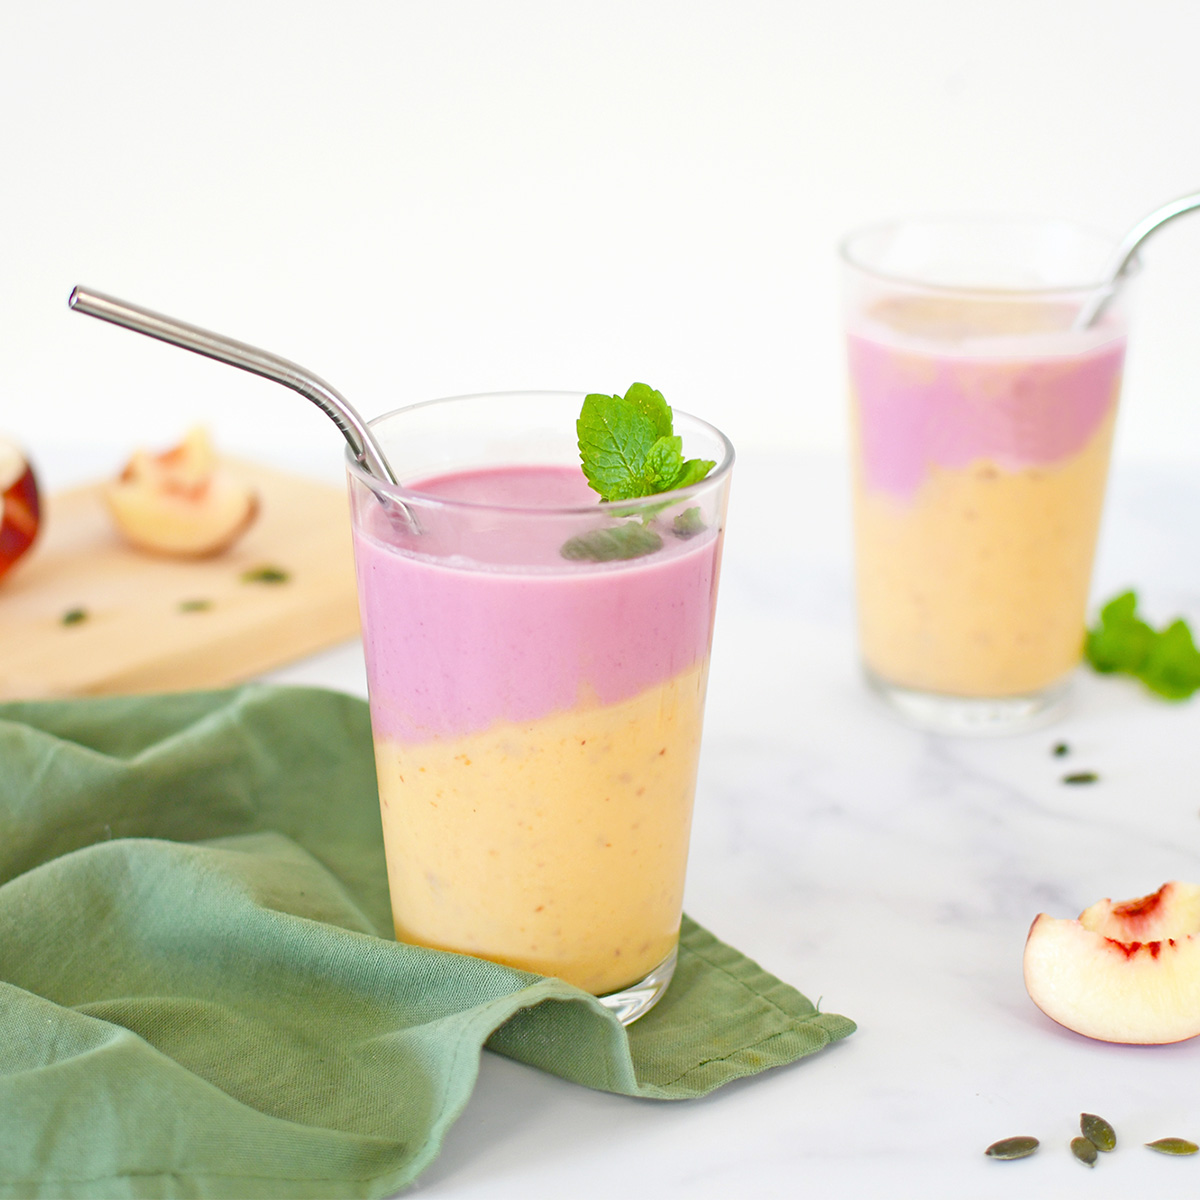 Un délicieux smoothie coloré bien frais, l'idéal pour les petits déjeuners et goûters !